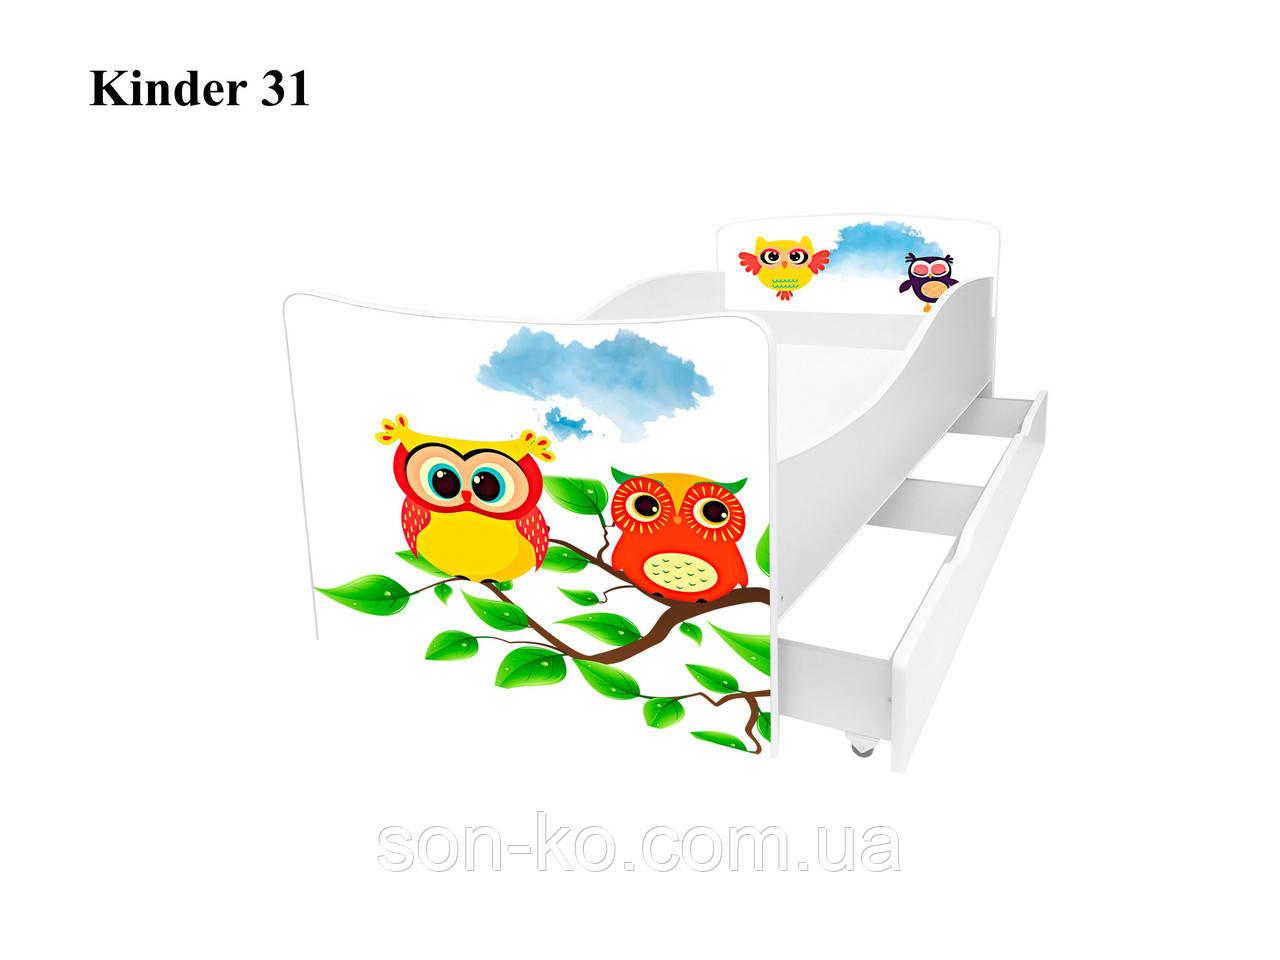 Кровать детская Киндер Совушки. Бесплатная доставка